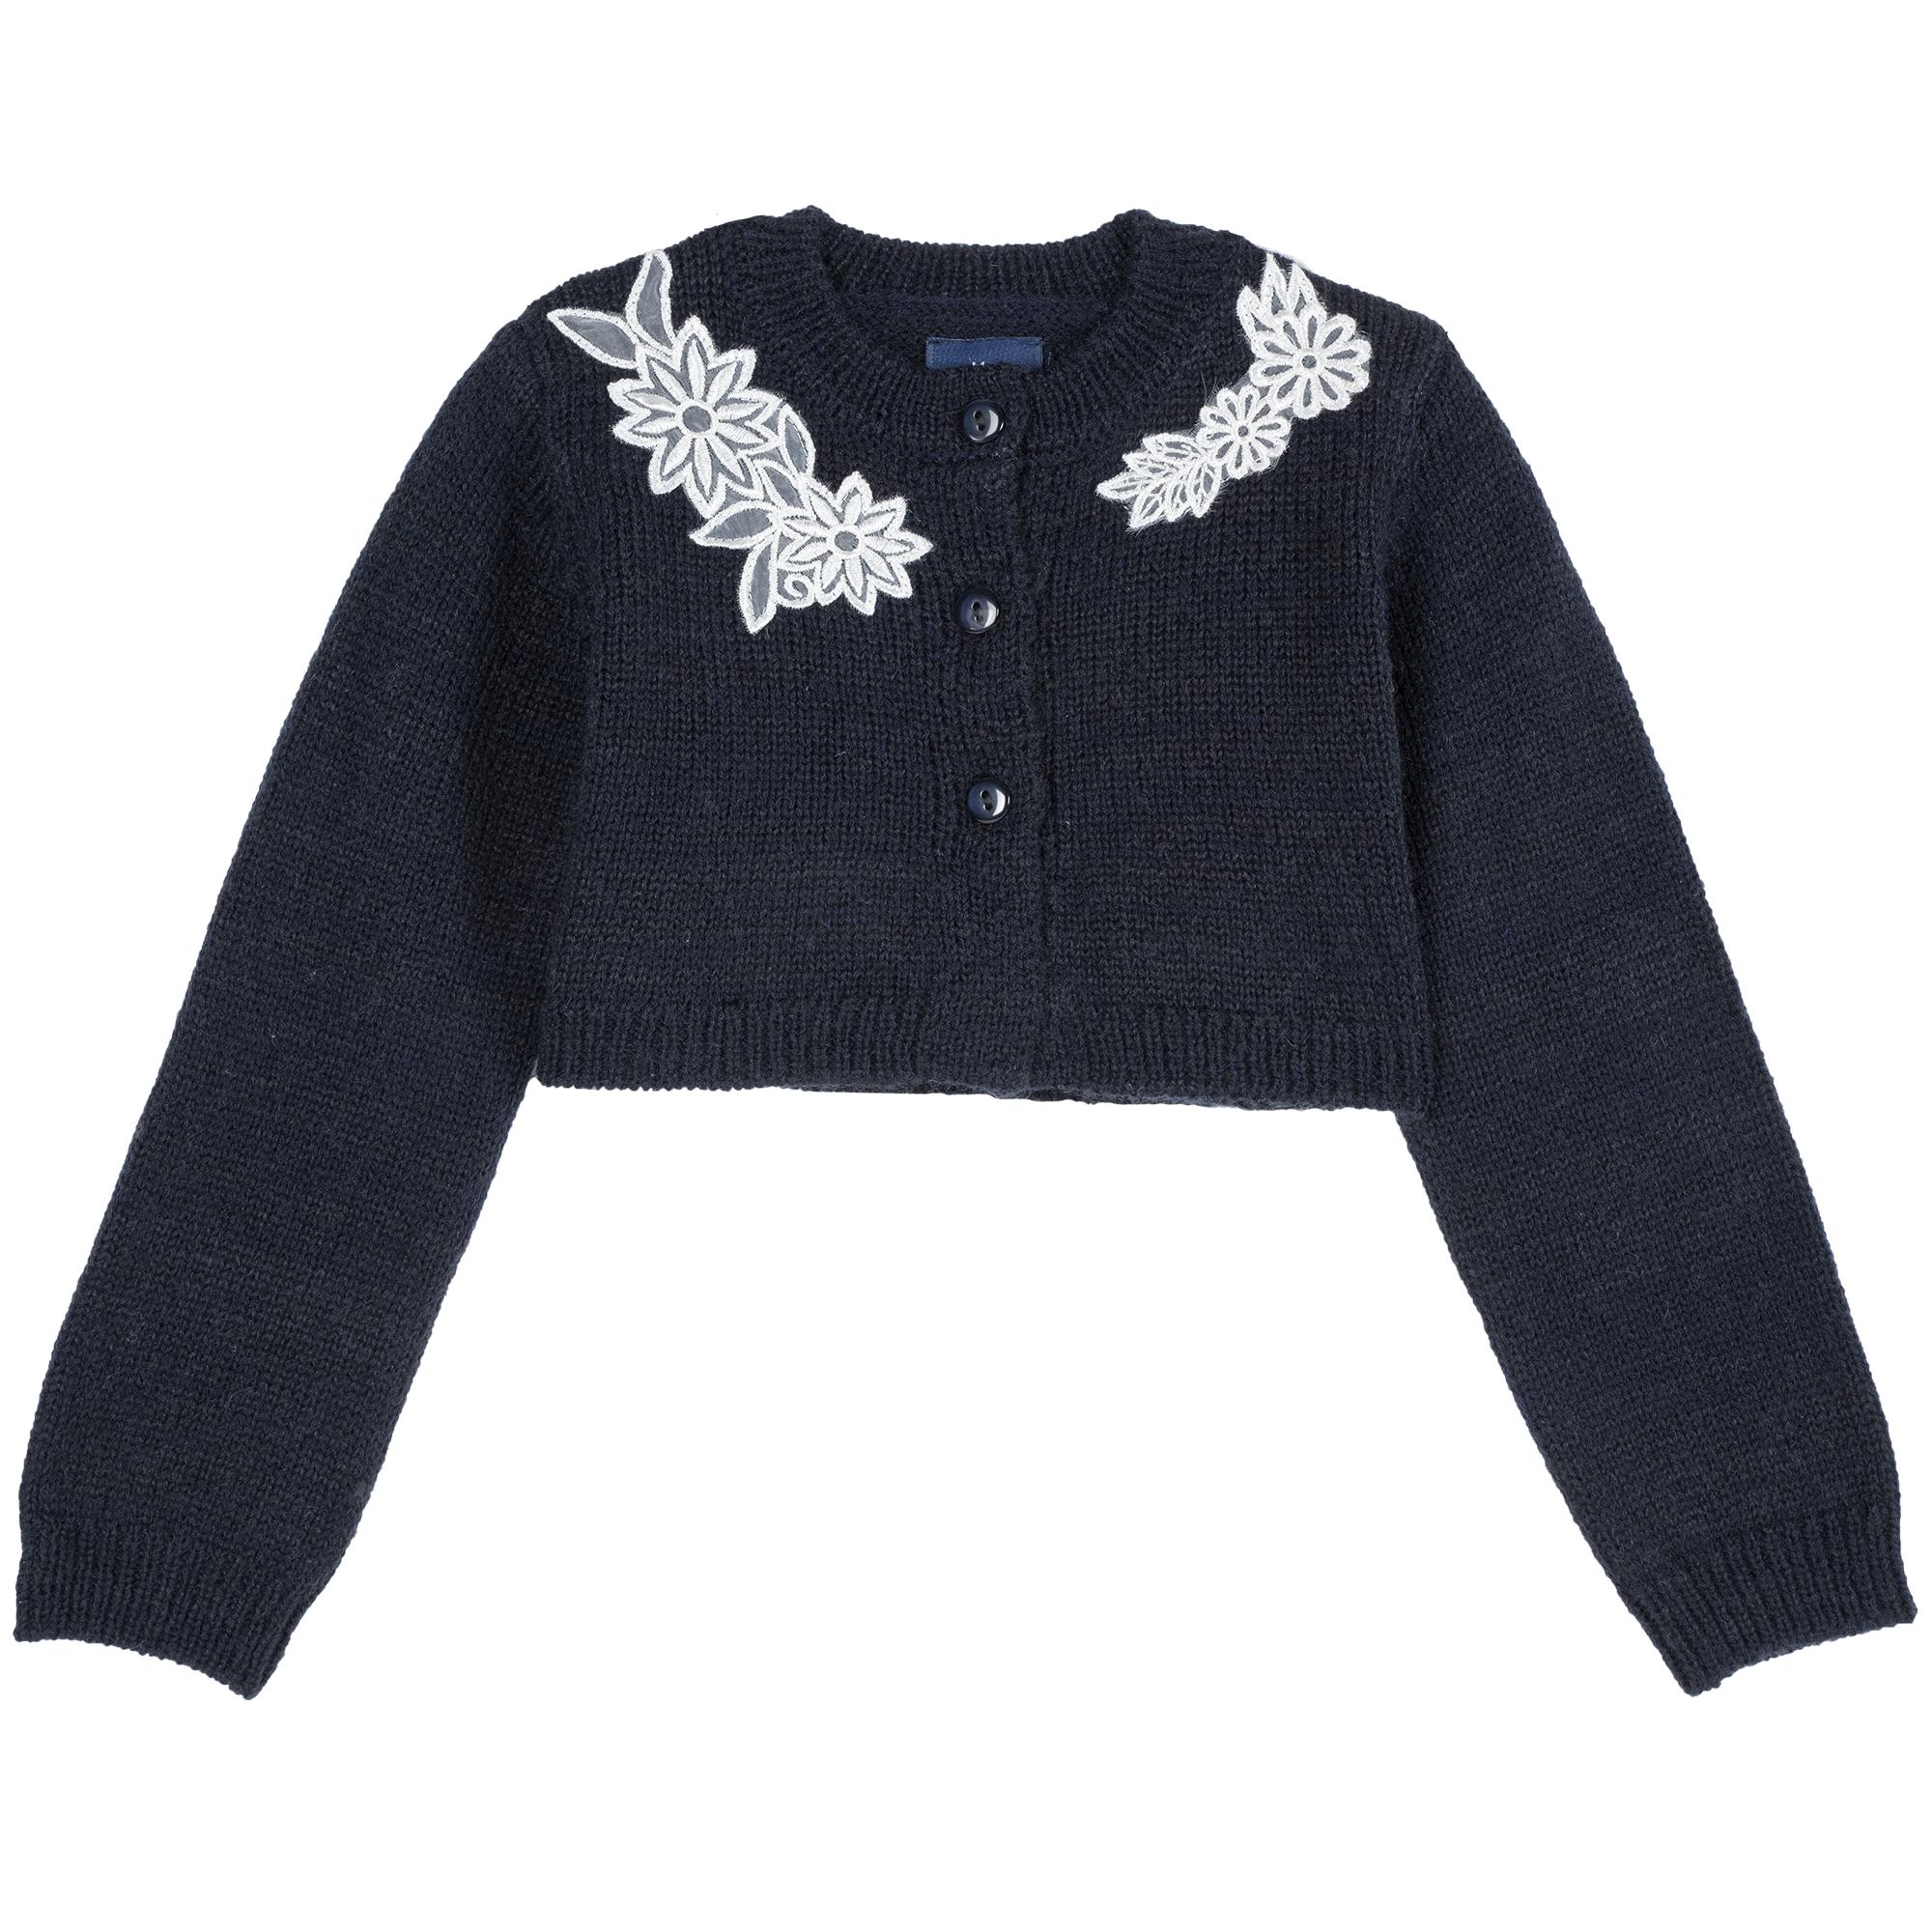 Cardigan Copii Chicco, Albastru Inchis imagine